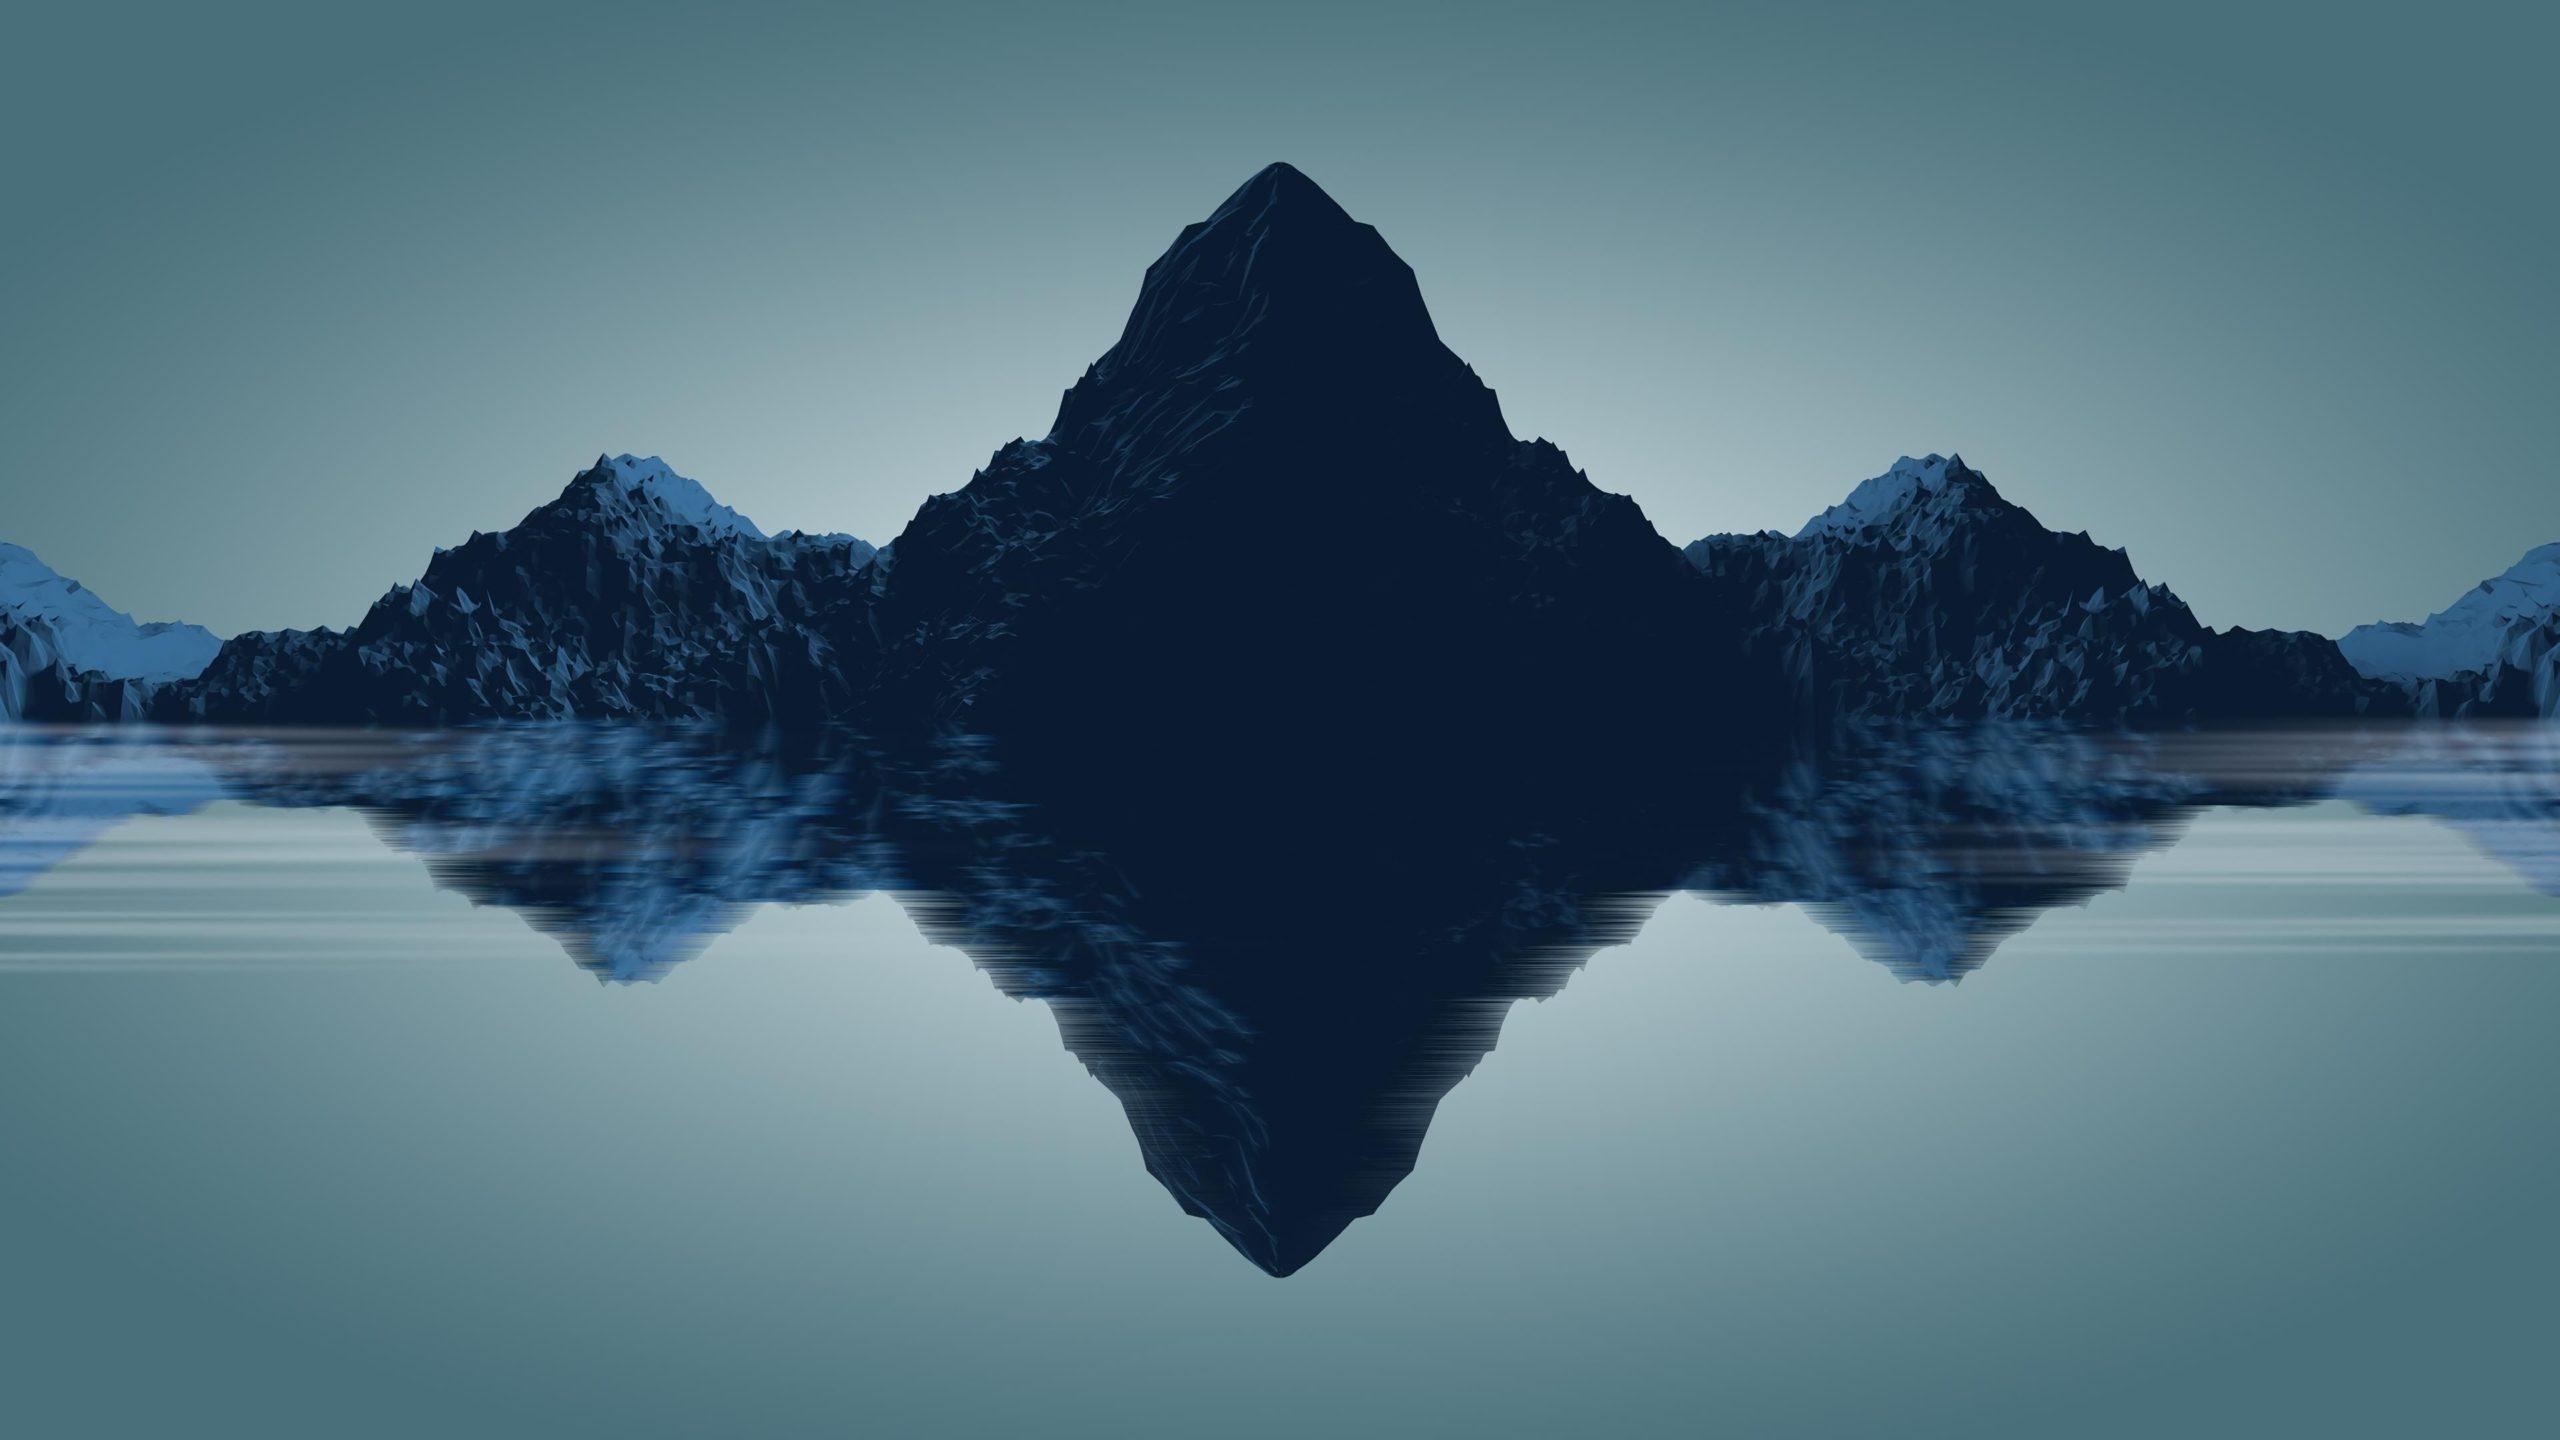 mountain background 1920x1080